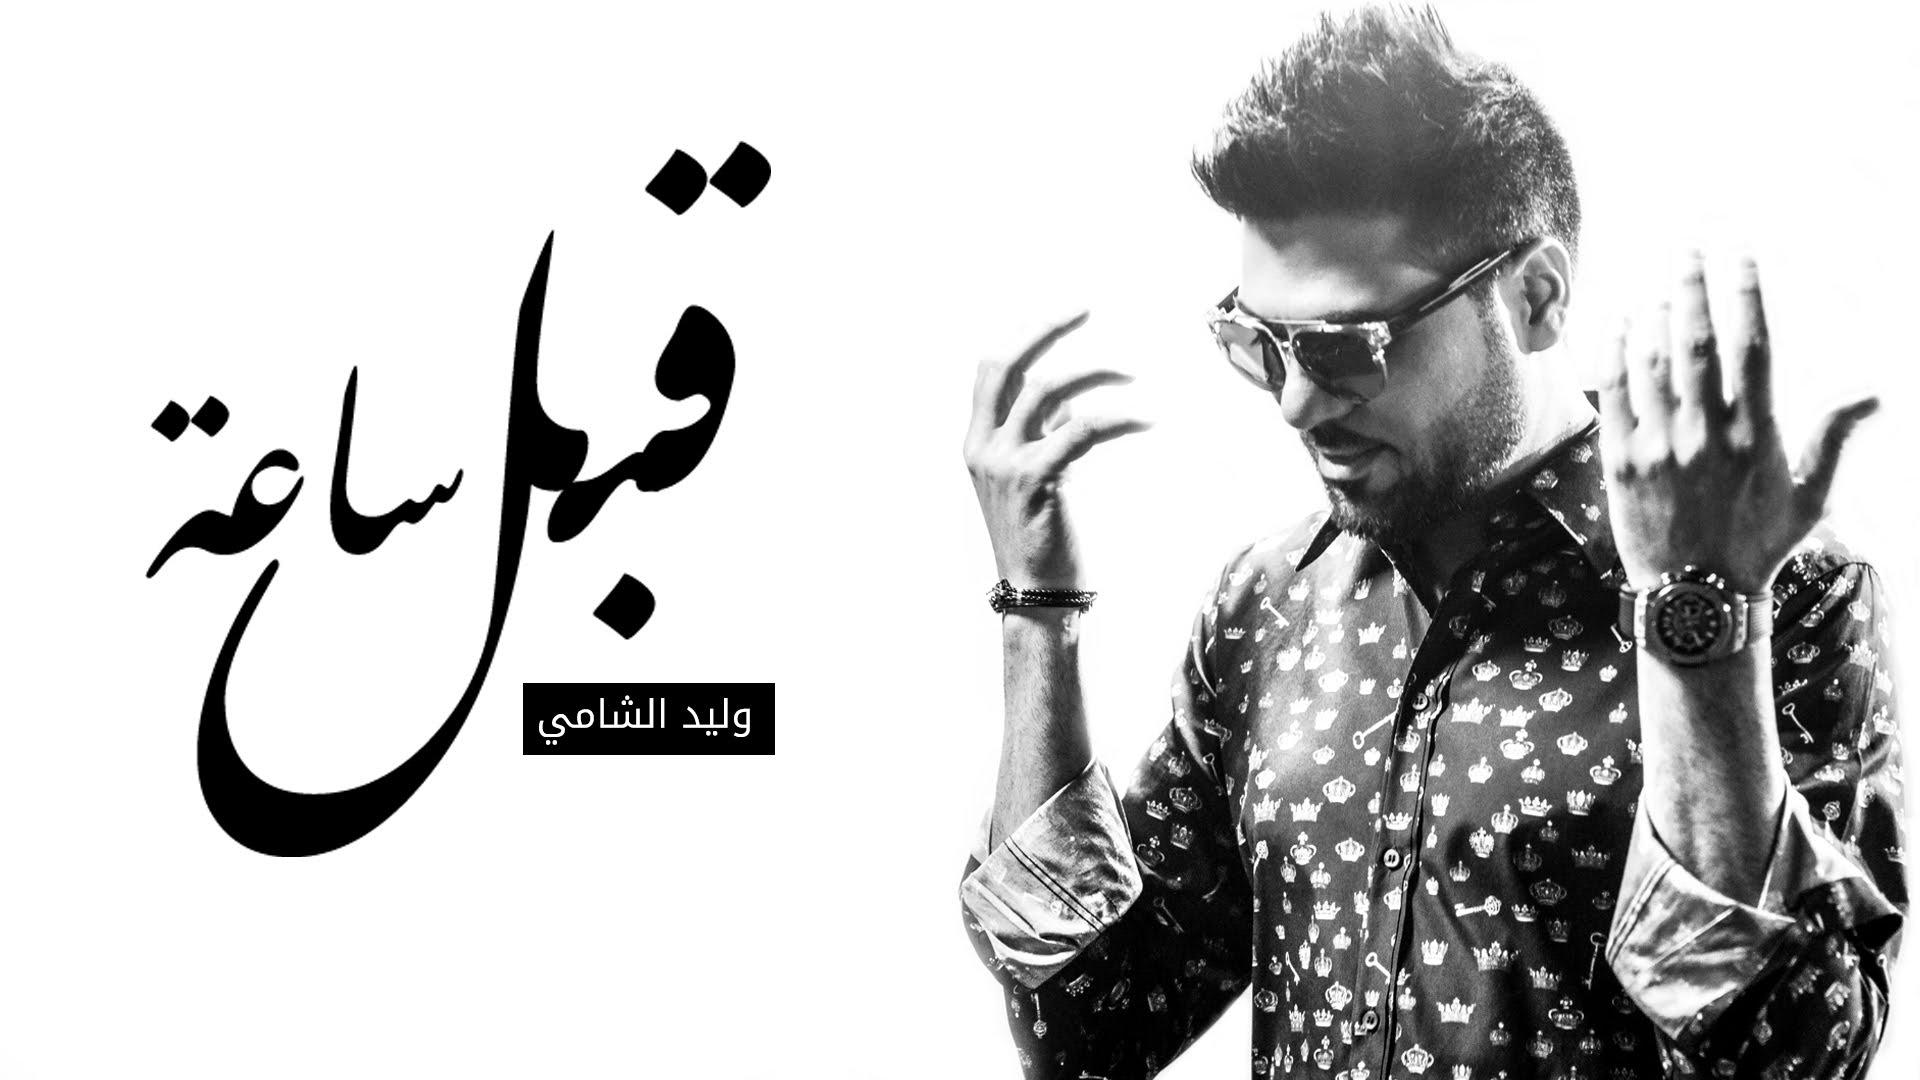 تحميل اغنية قبل ساعة mp3 وليد الشامي, استماع وتنزيل Waleed Al Shami Qabl Sa3a